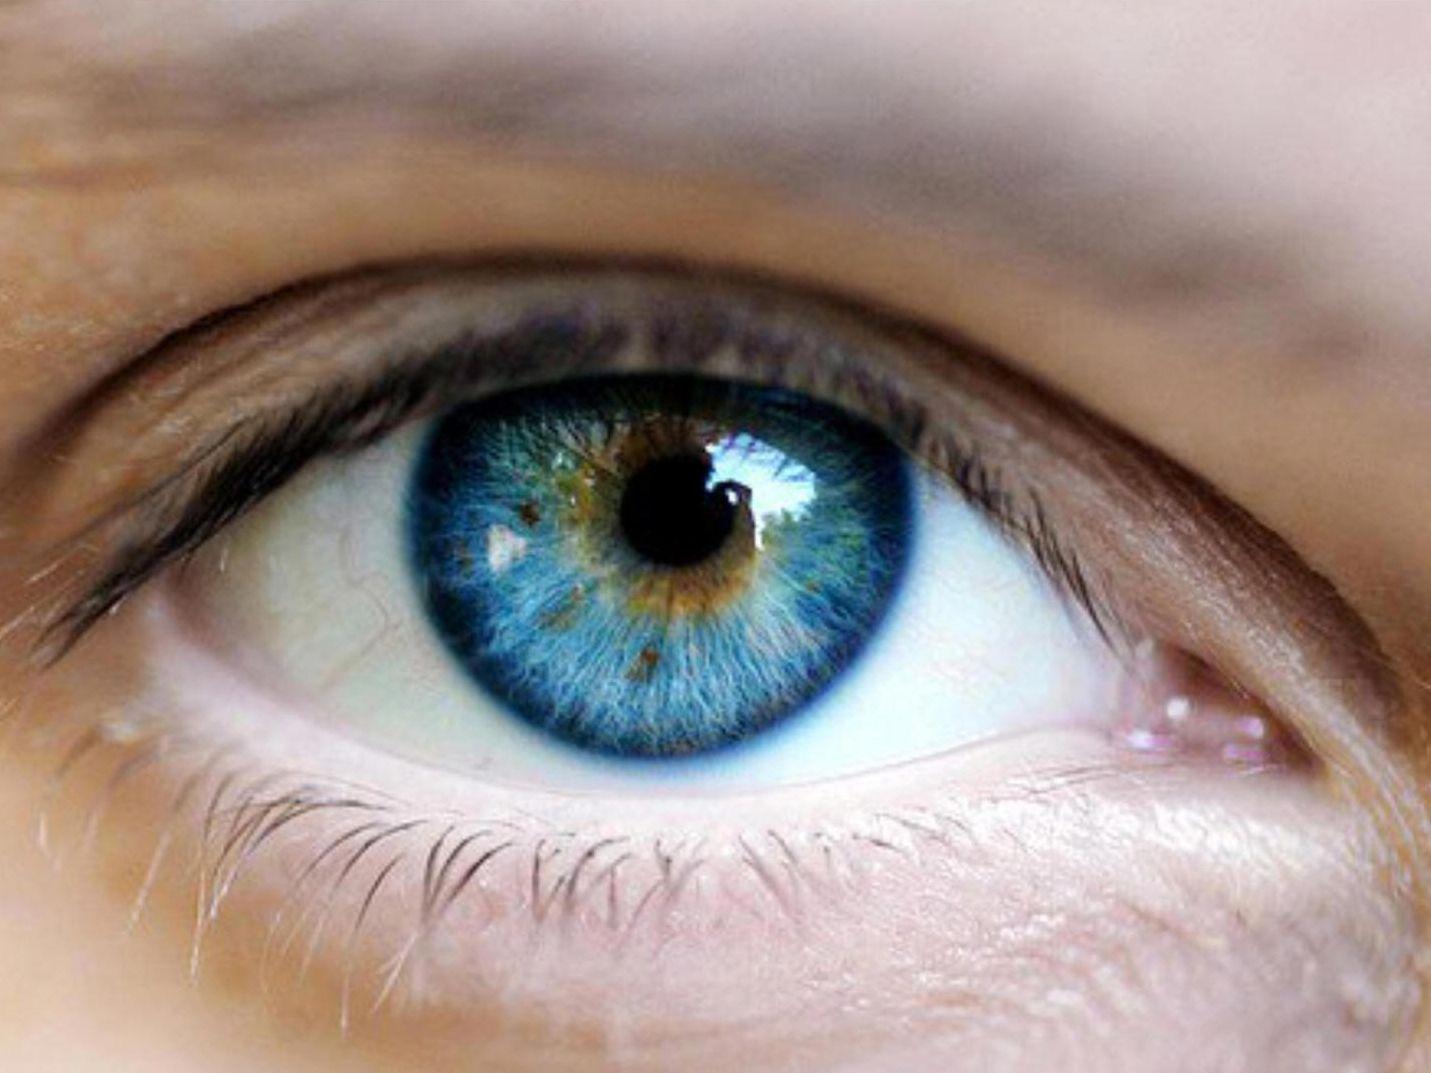 Ce boli pot anunța înroșirea ochilor și îngroșarea pleaopelor. Uneori, semnele afecţiunilor cardiovasculare sau ale diabetului se pot vedea în ochi înainte să apară alte simptome